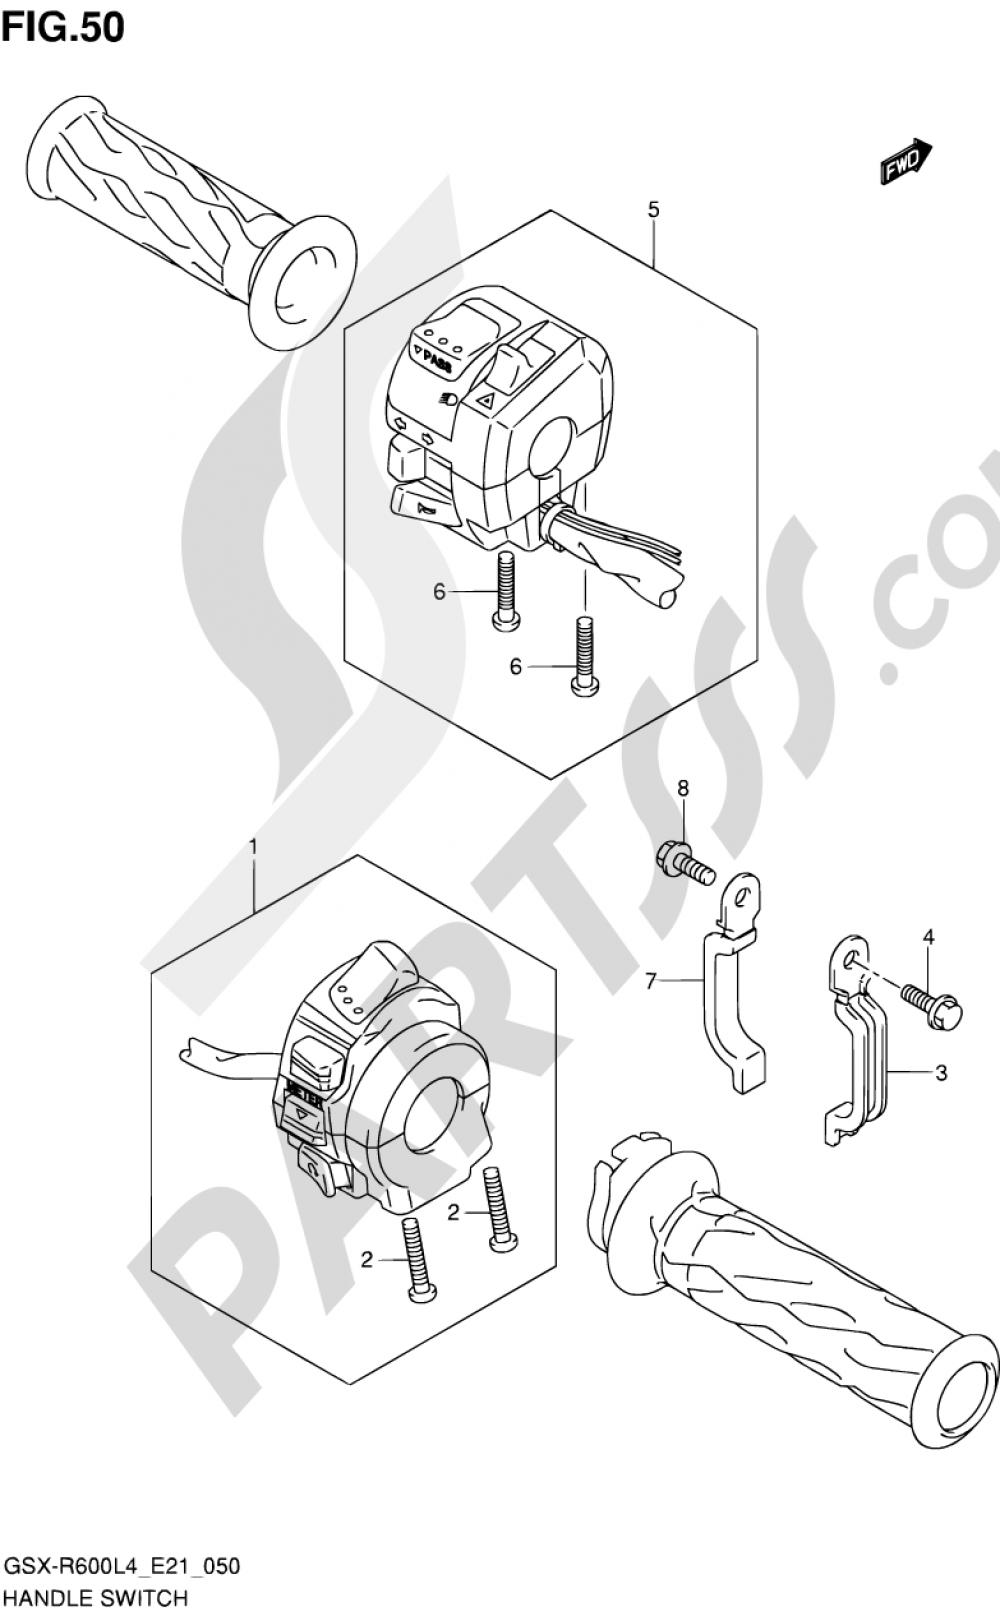 50 - HANDLE SWITCH Suzuki GSX-R600 2014